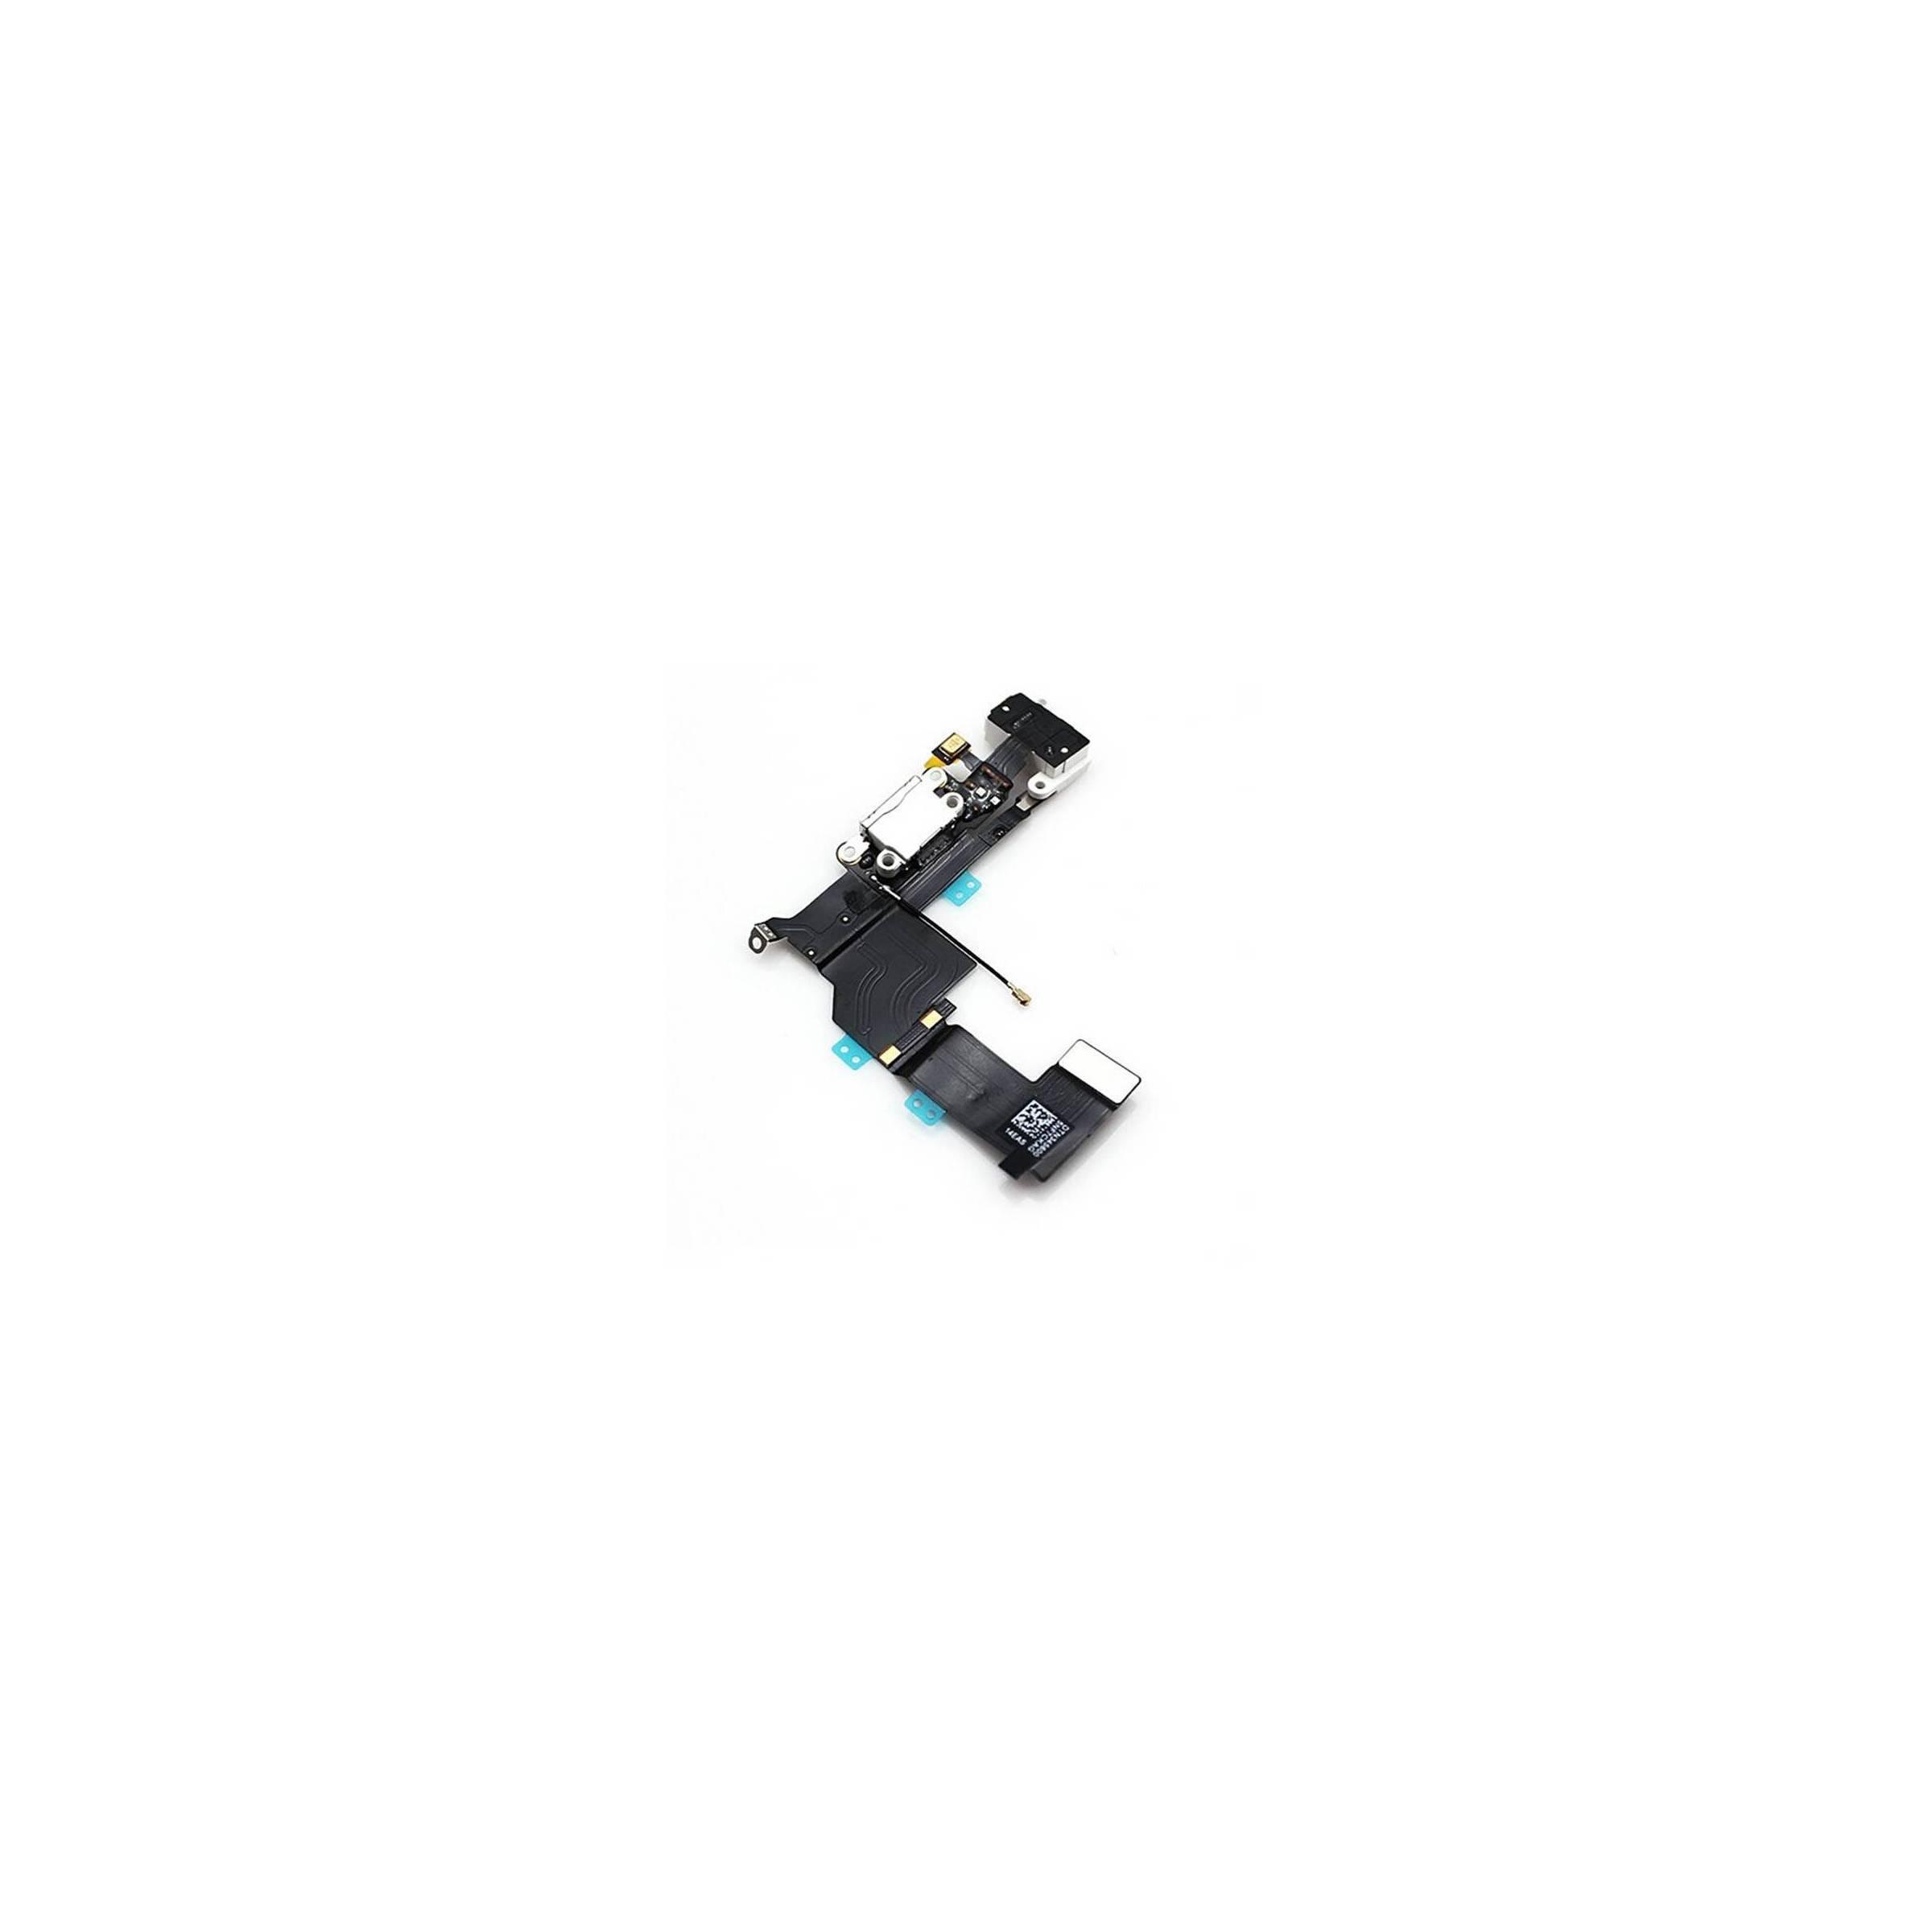 Iphone 5 power dock+cable (sort/hvid) i høj kvalitet farve sort fra sinox på mackabler.dk